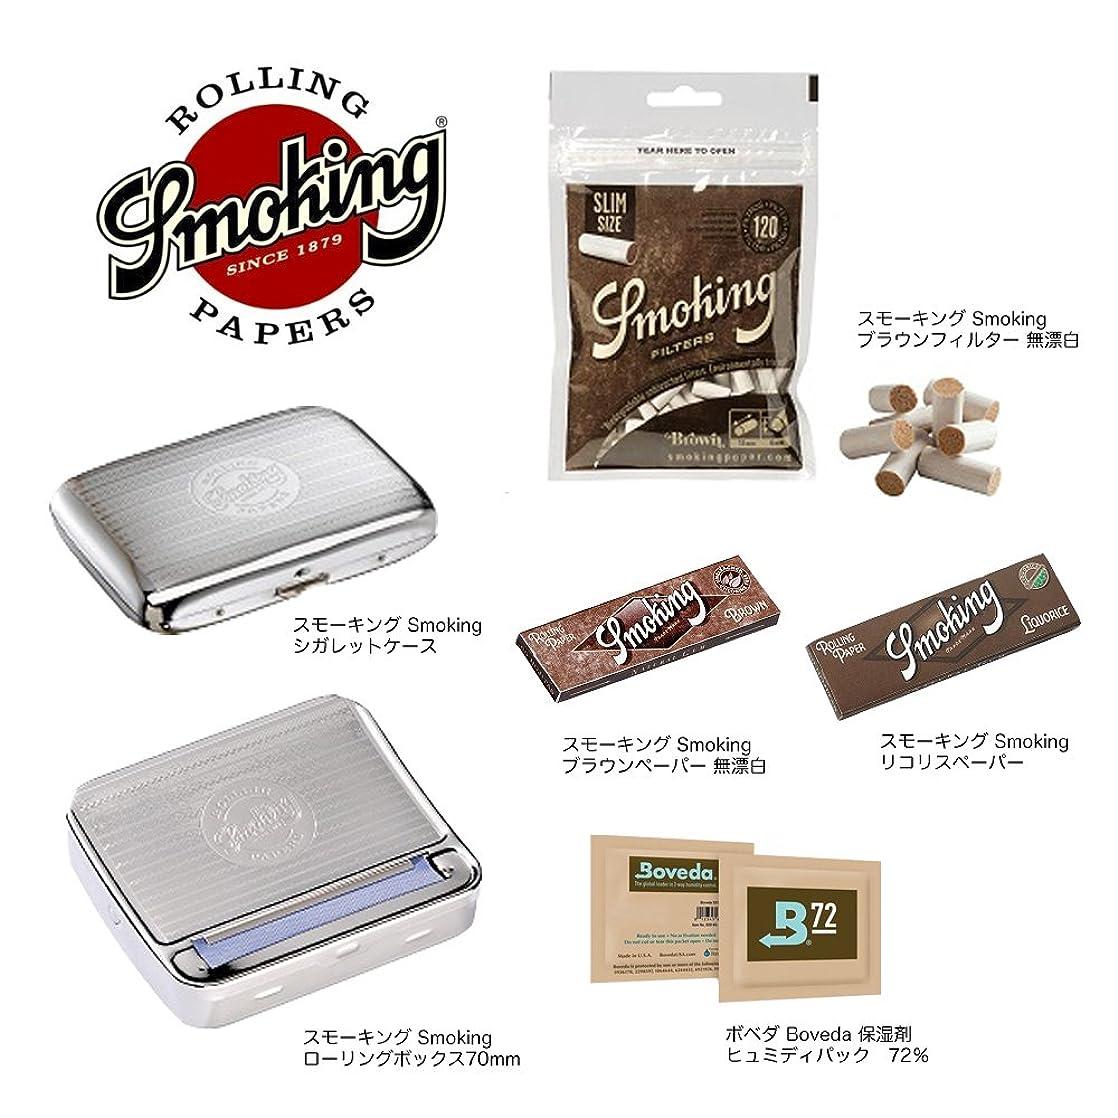 退院過敏な看板[smoking] スモーキング 手巻きタバコ プレミアム スターターセット smokers selection 喫煙具 シャグ